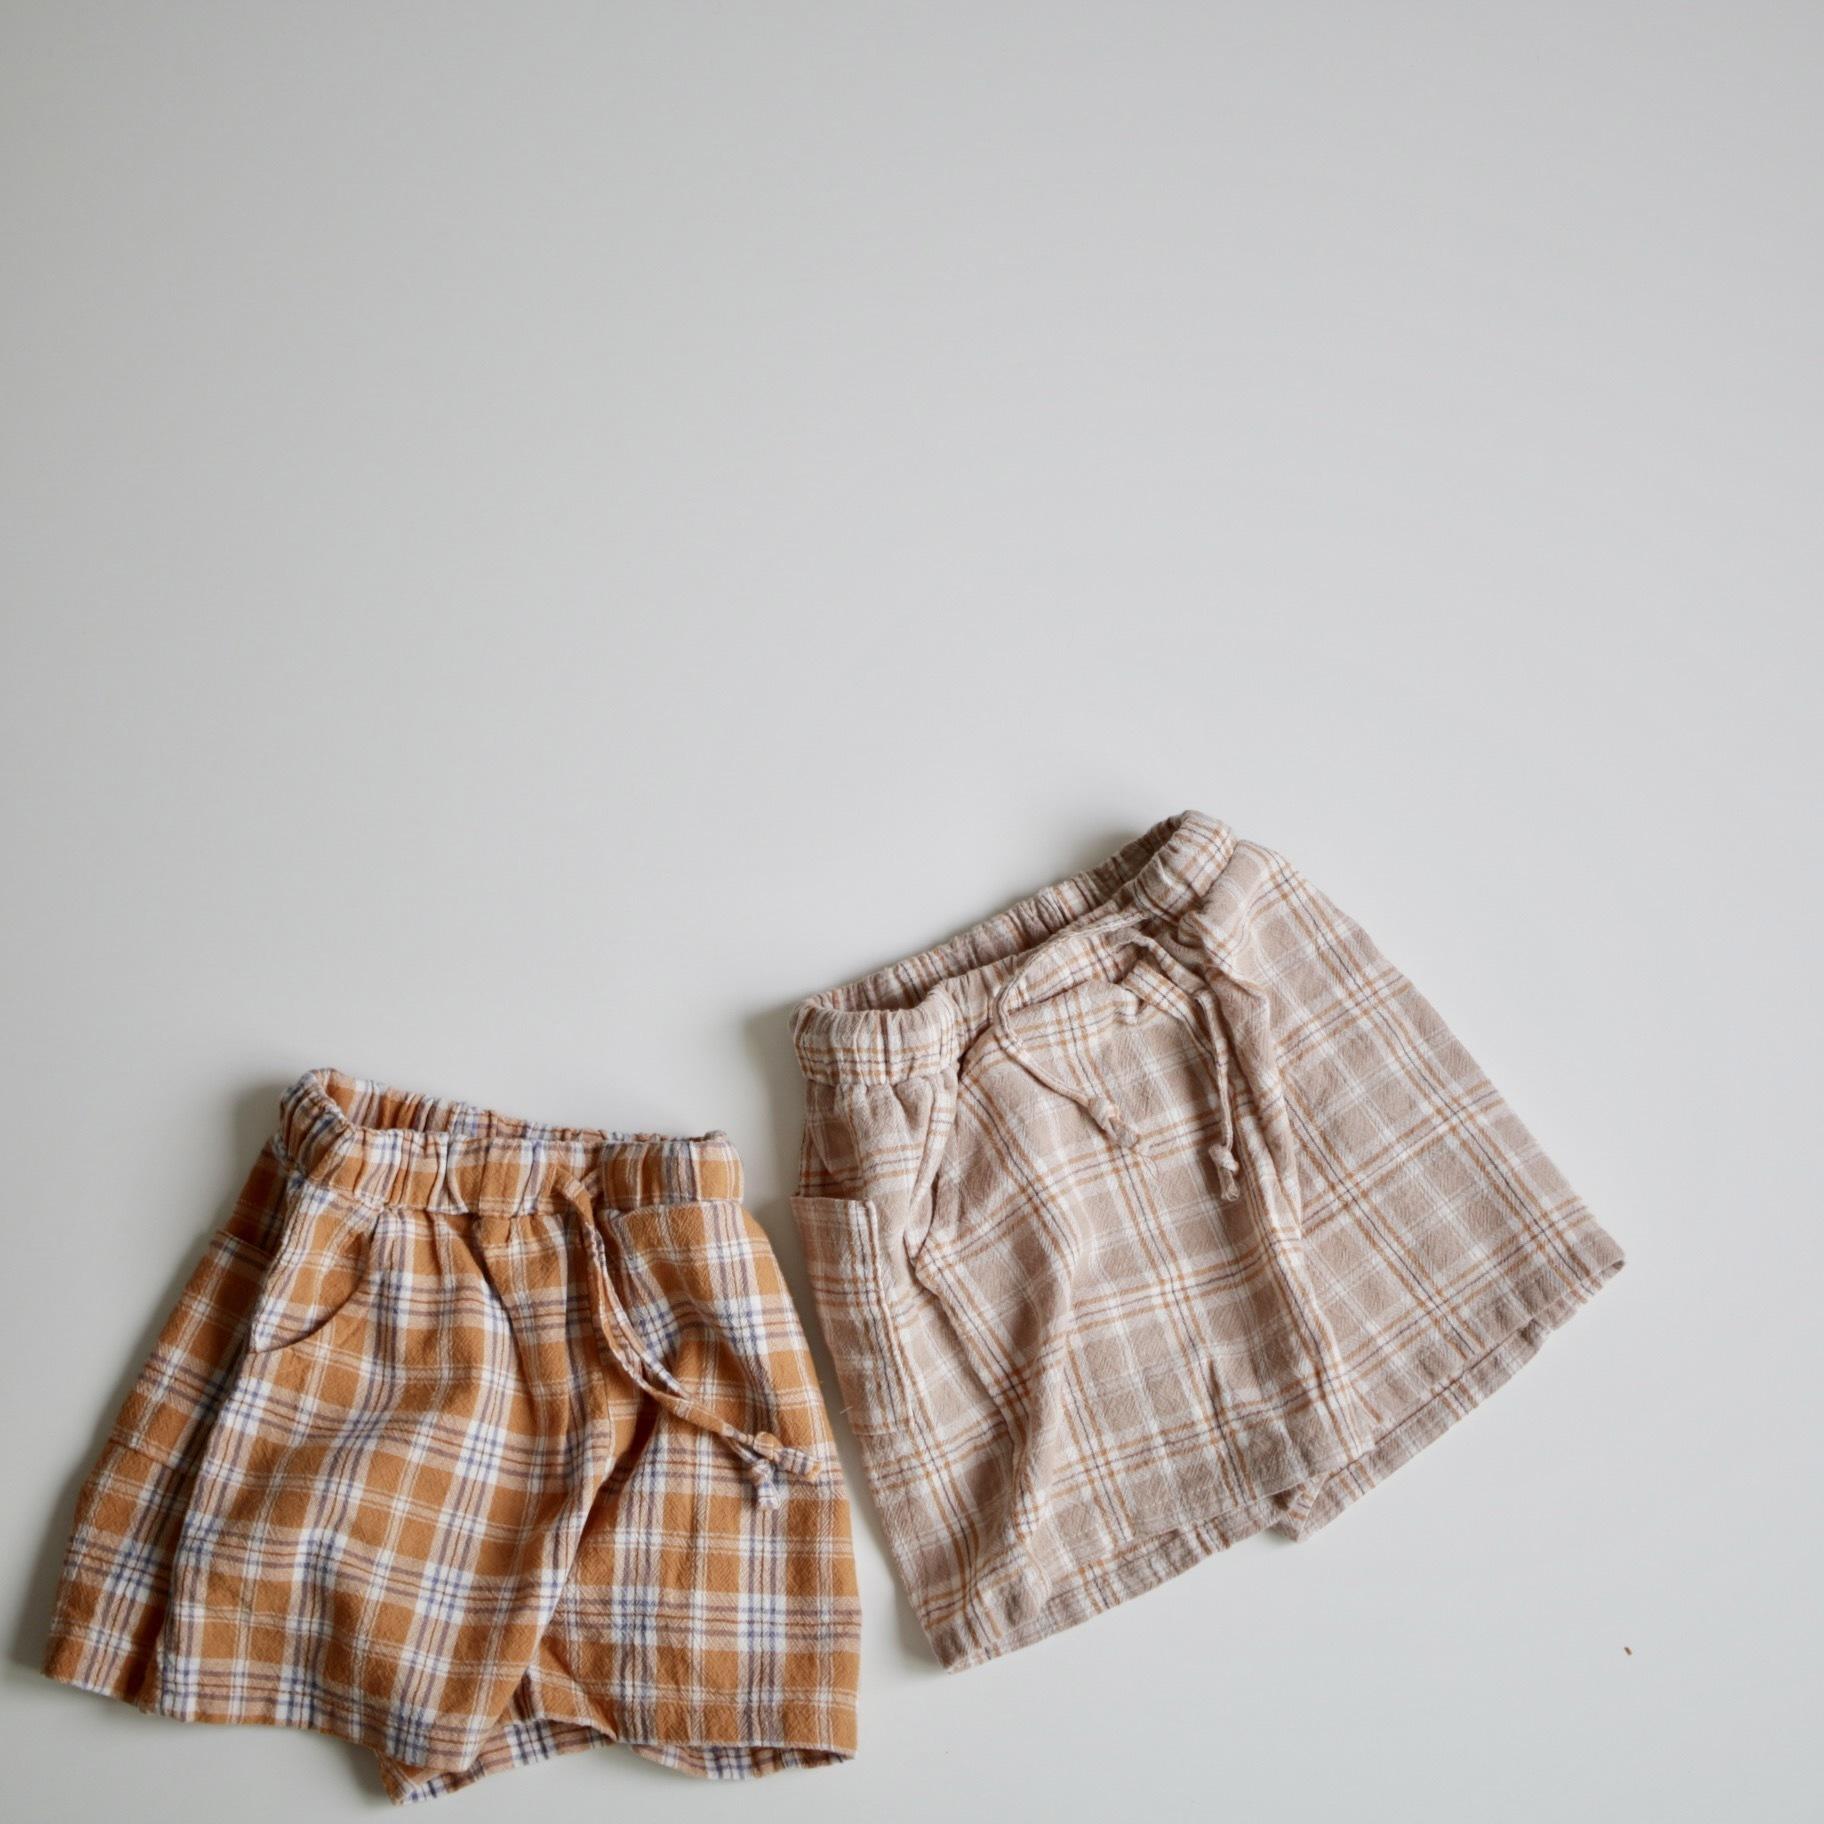 check pants.〔チェックパンツ 〕